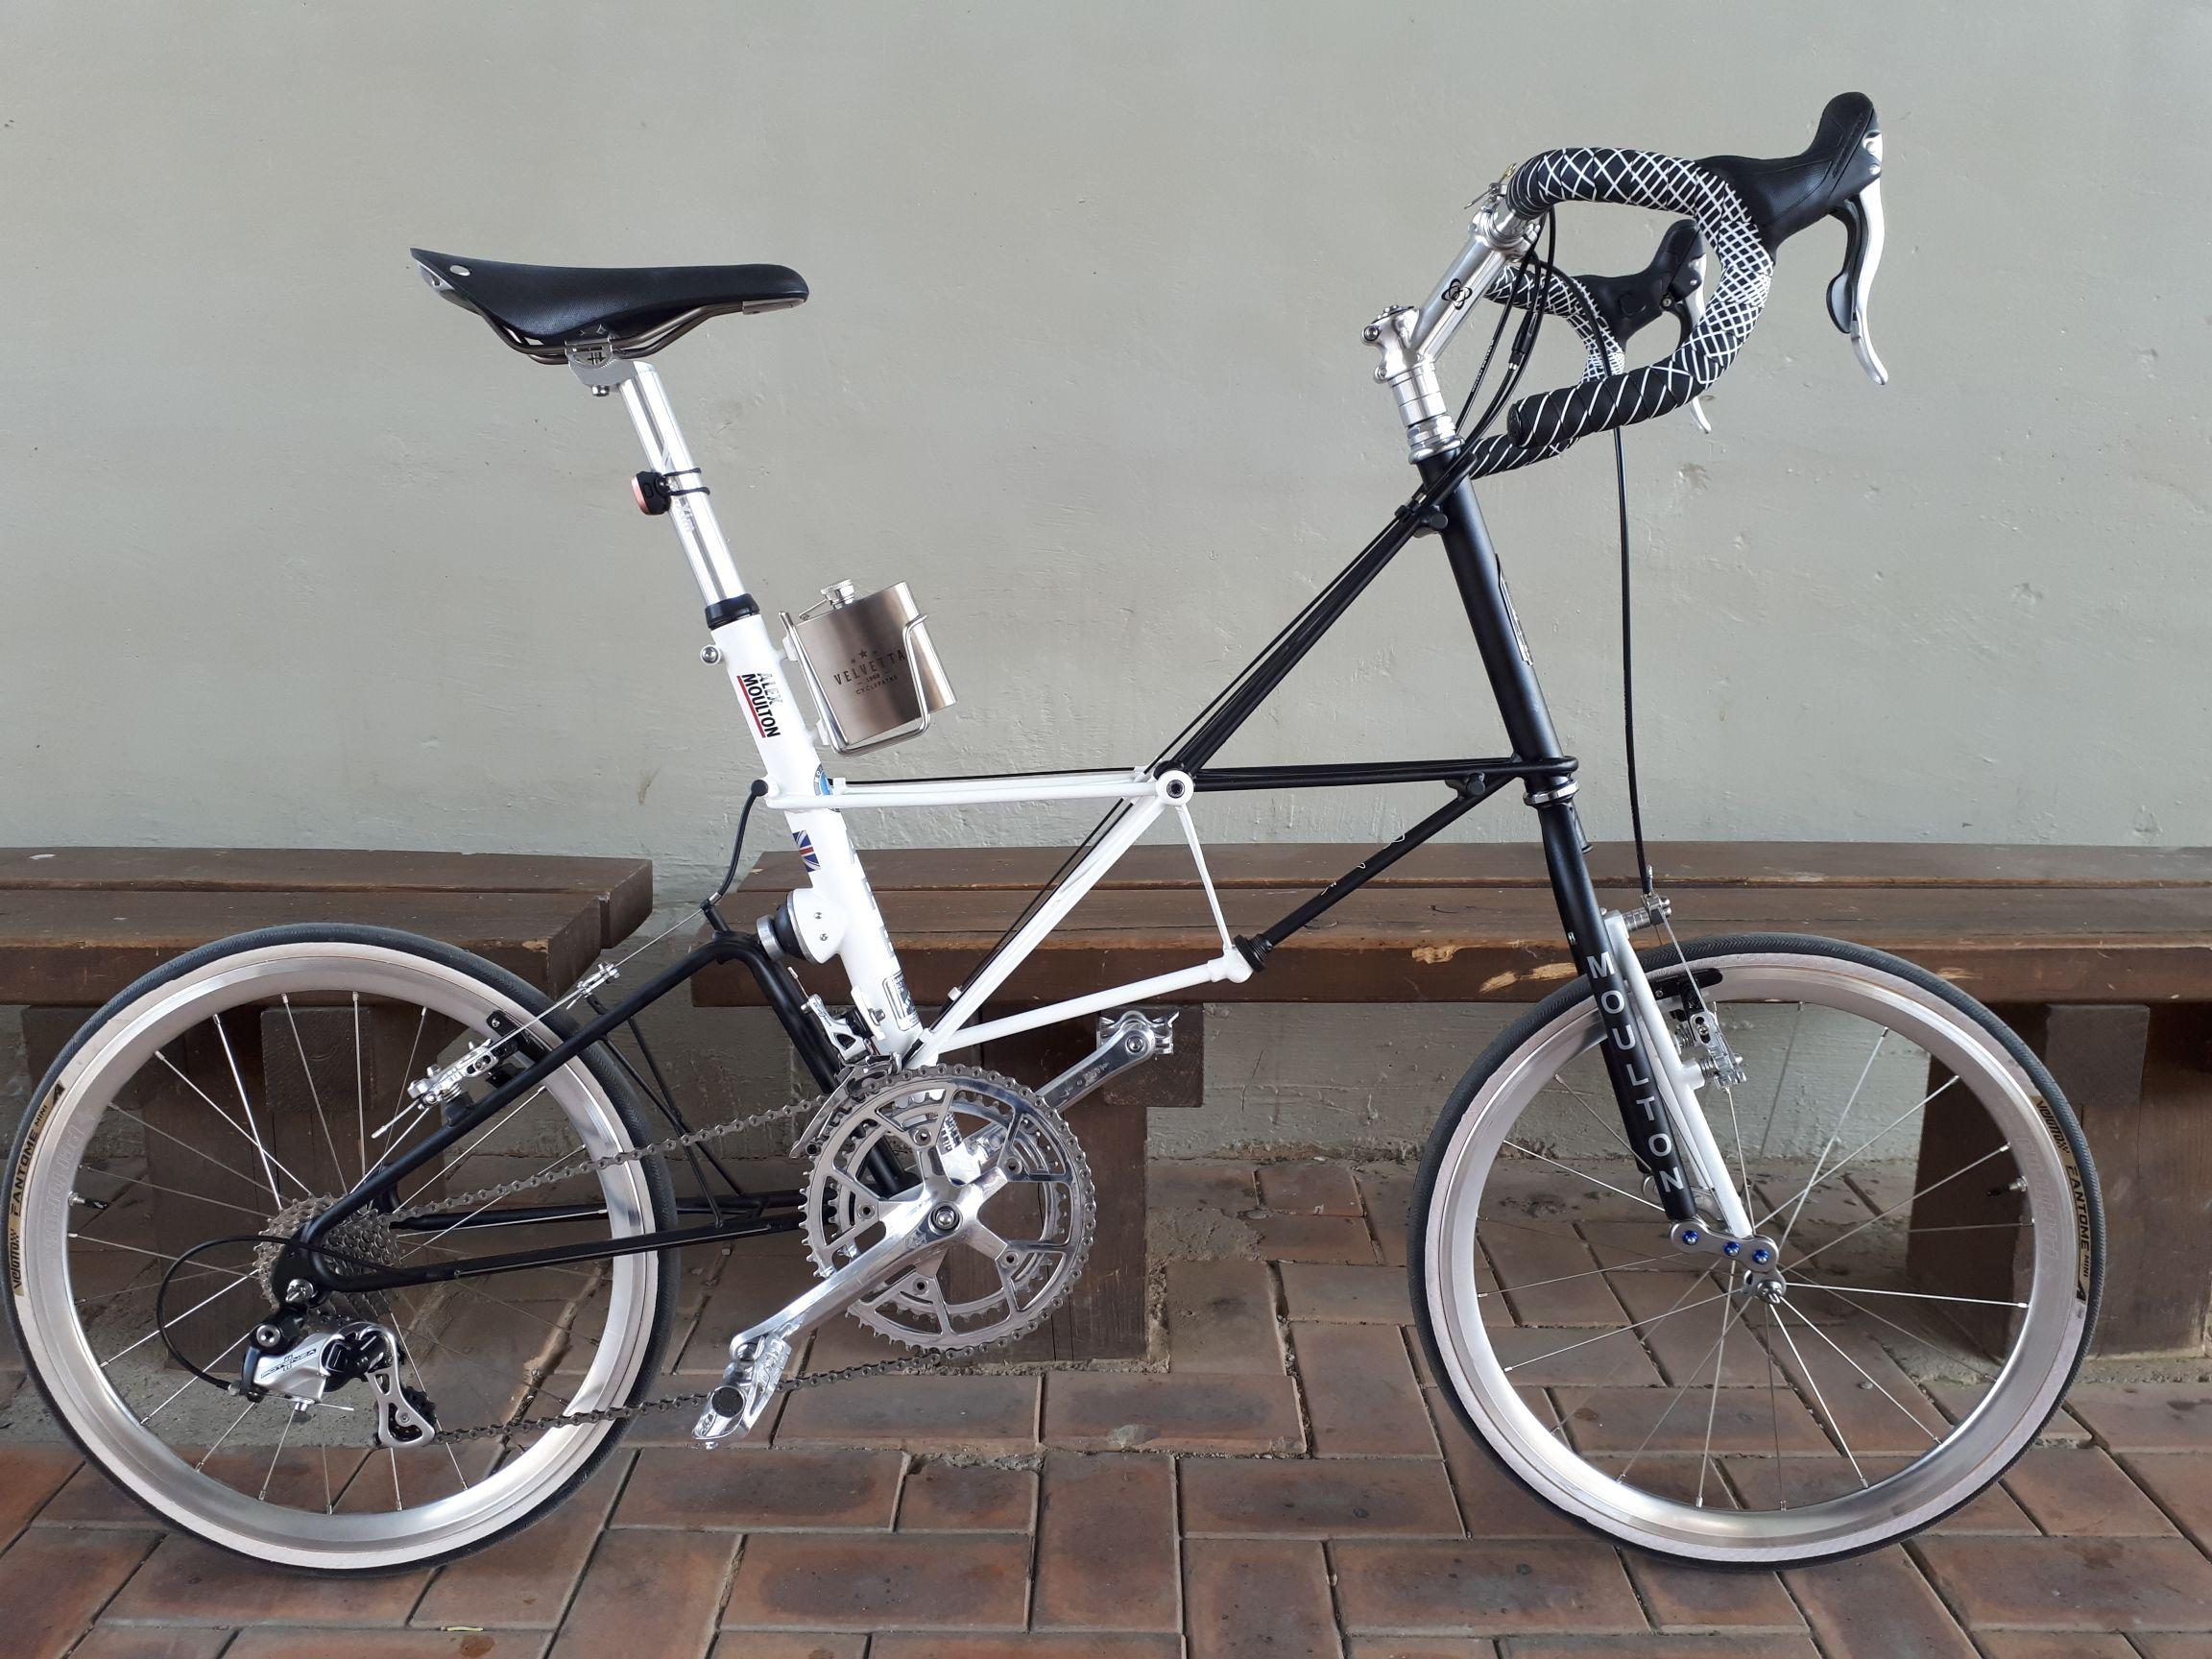 moulton fahrrad kaufen